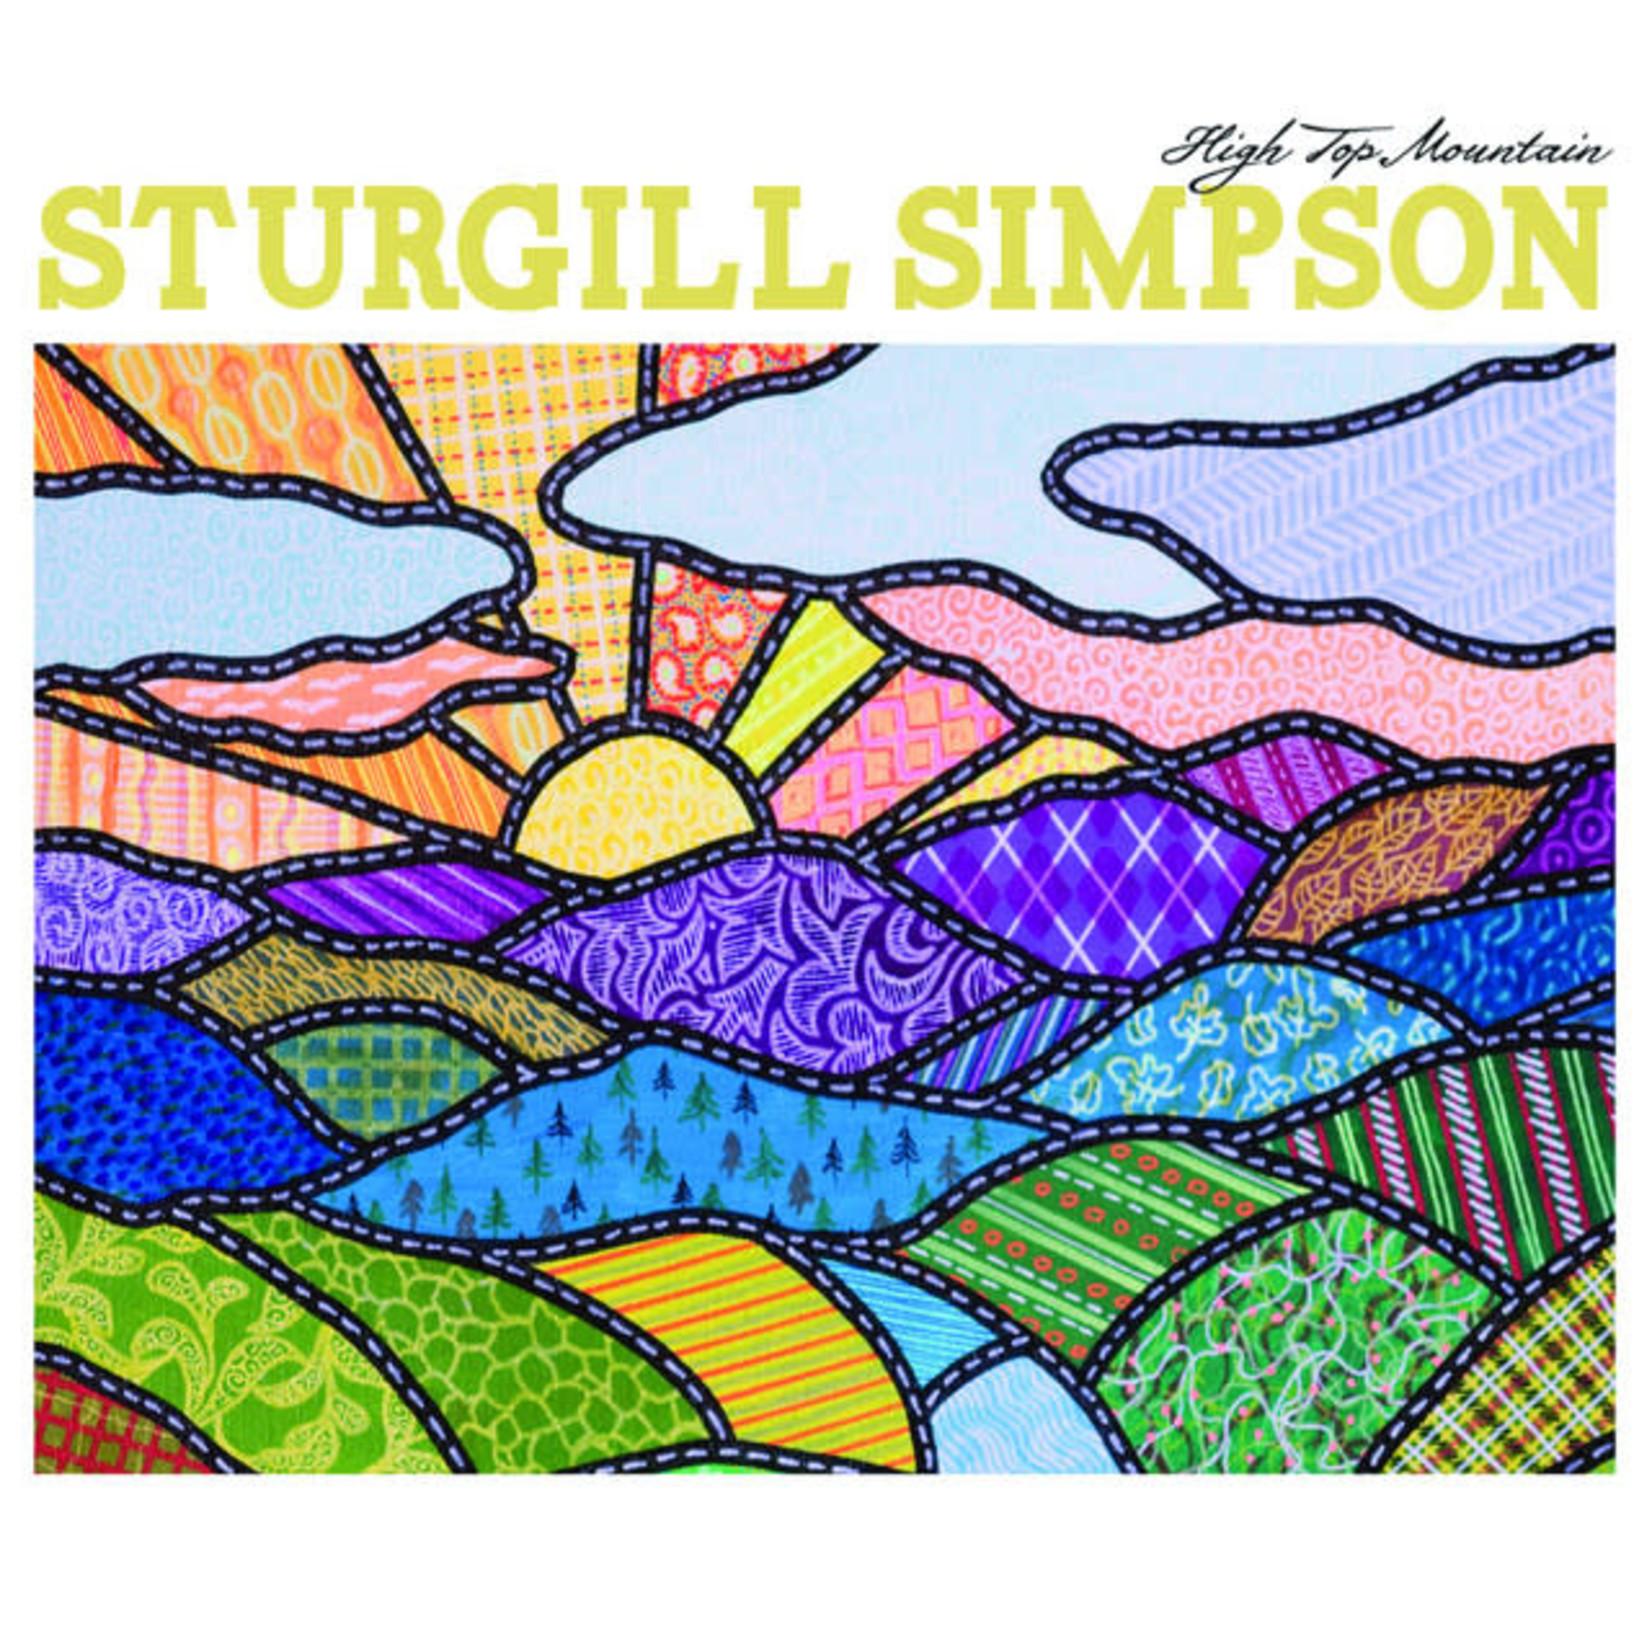 Vinyl Sturgill Simpson - High Top Mountain